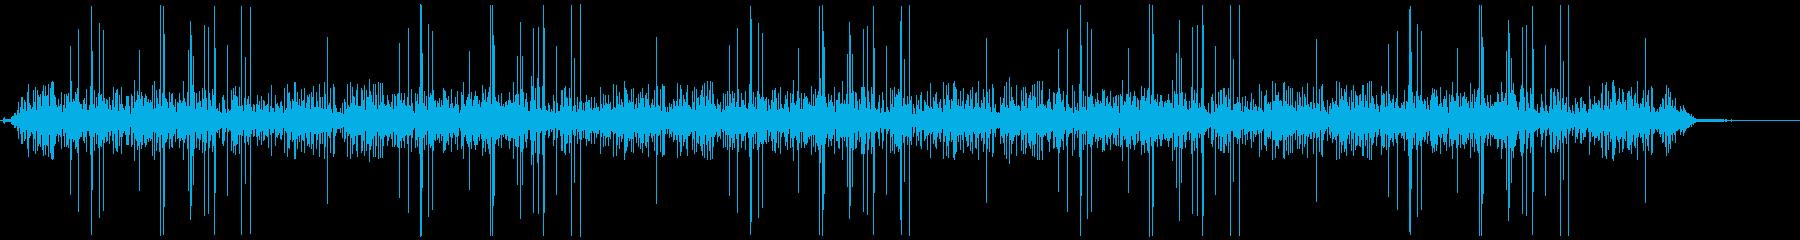 背景音 ホラー8の再生済みの波形